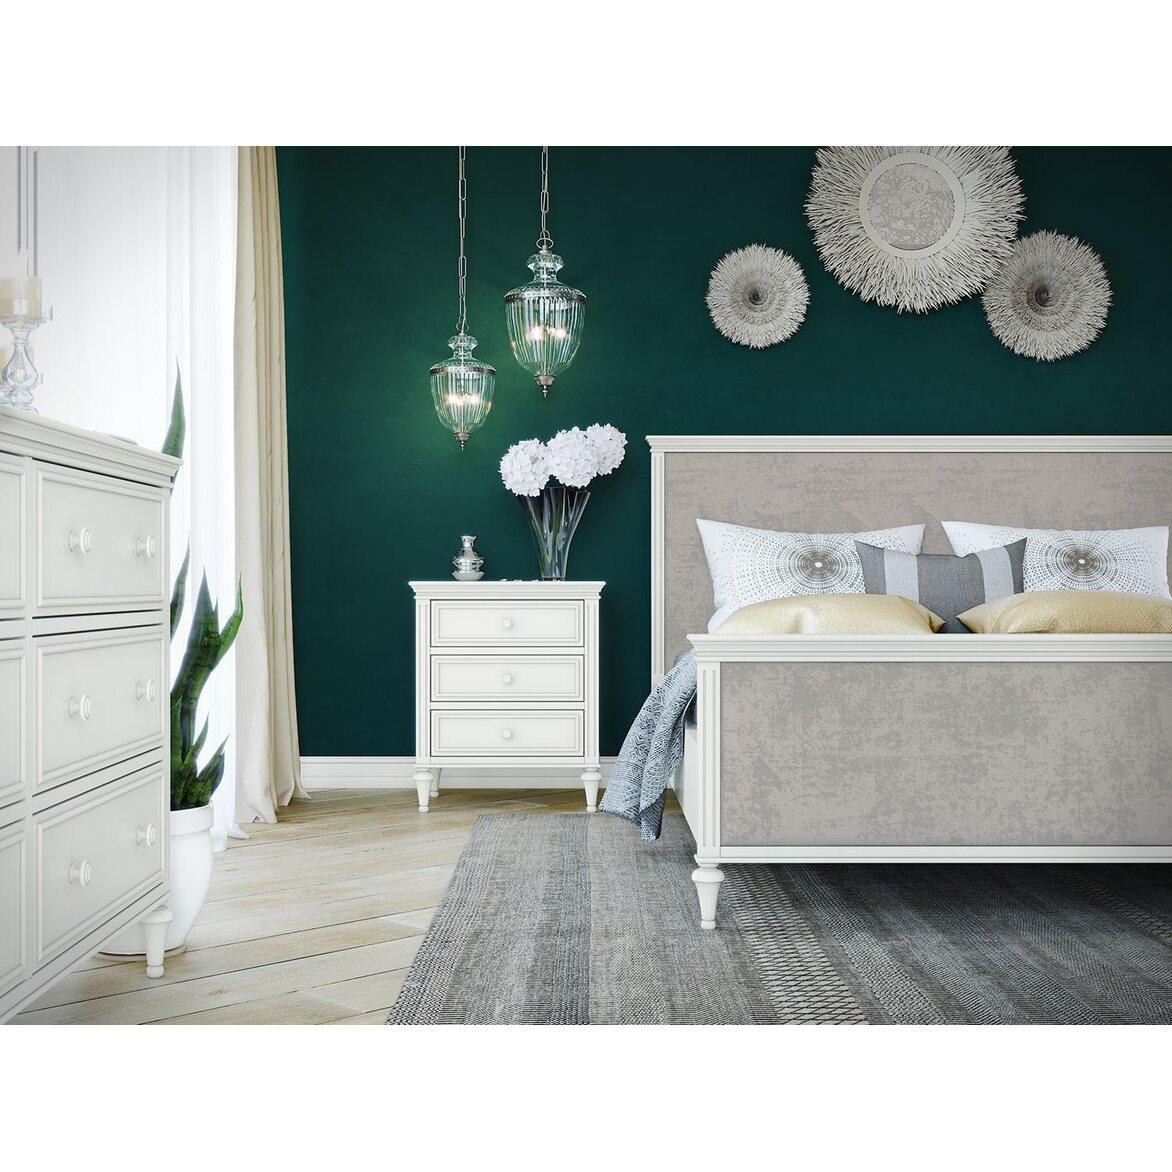 Кровать Riverdi, с изножьем 5 | Двуспальные кровати Kingsby